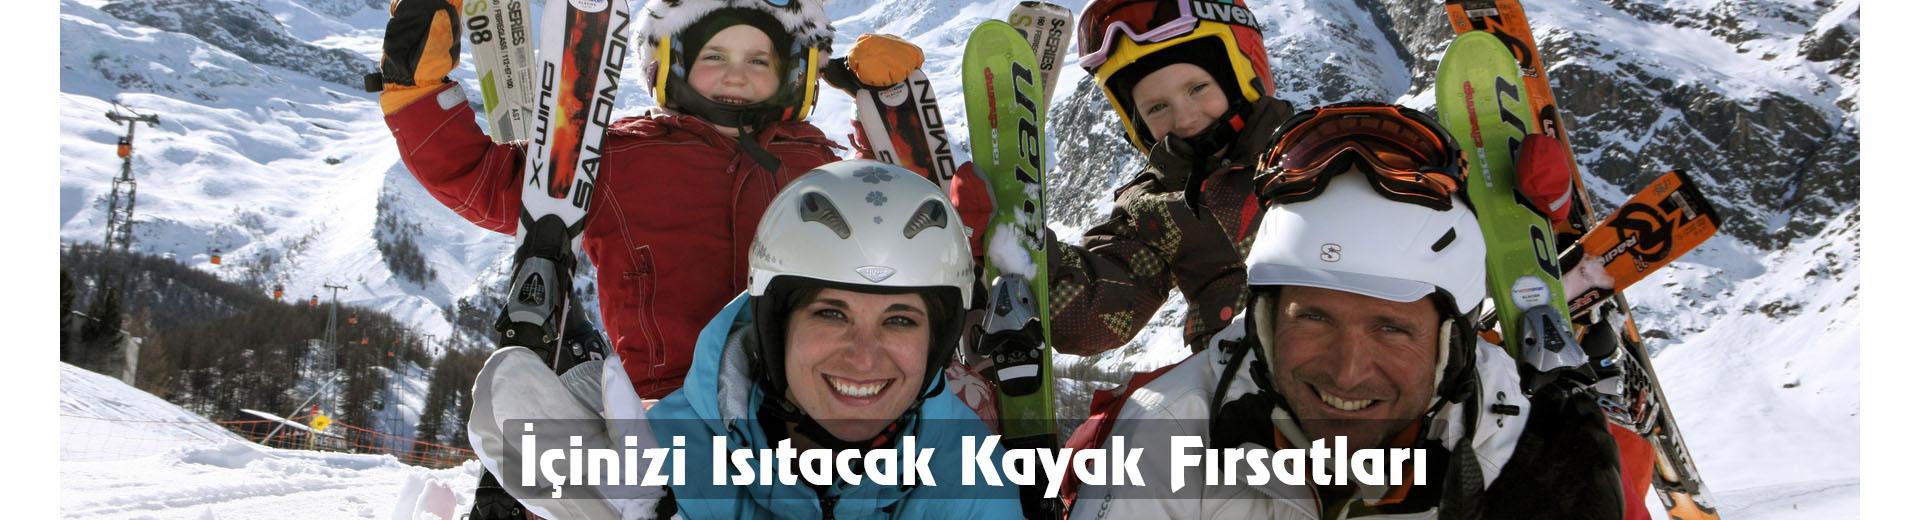 Kayak Fırsatları